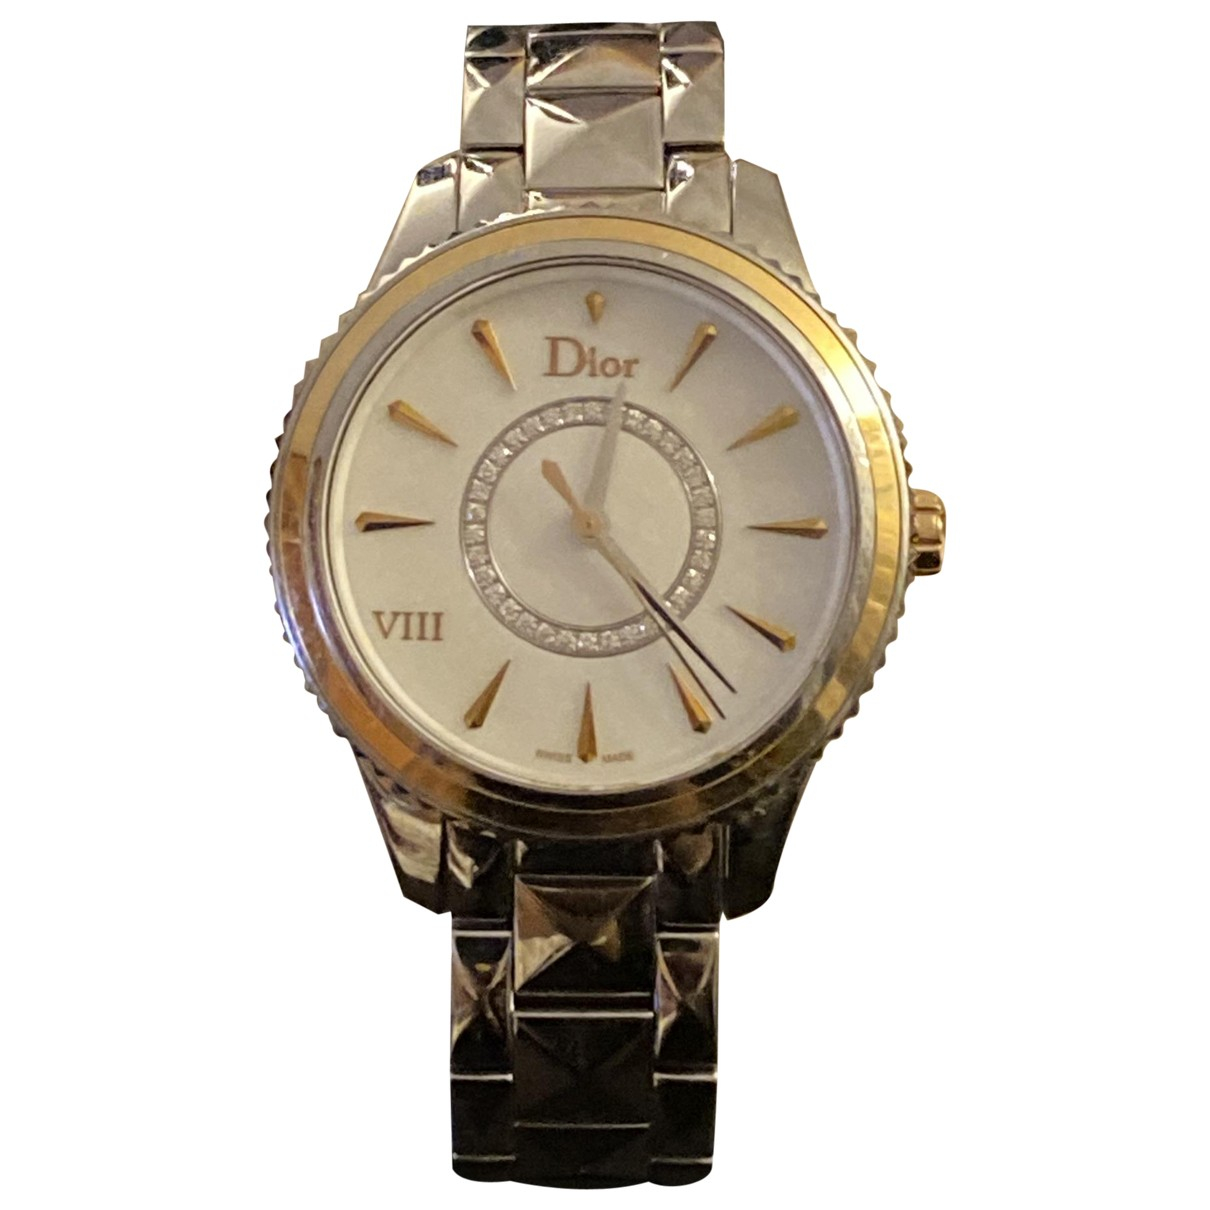 Dior Dior VIII Uhr in  Silber Stahl